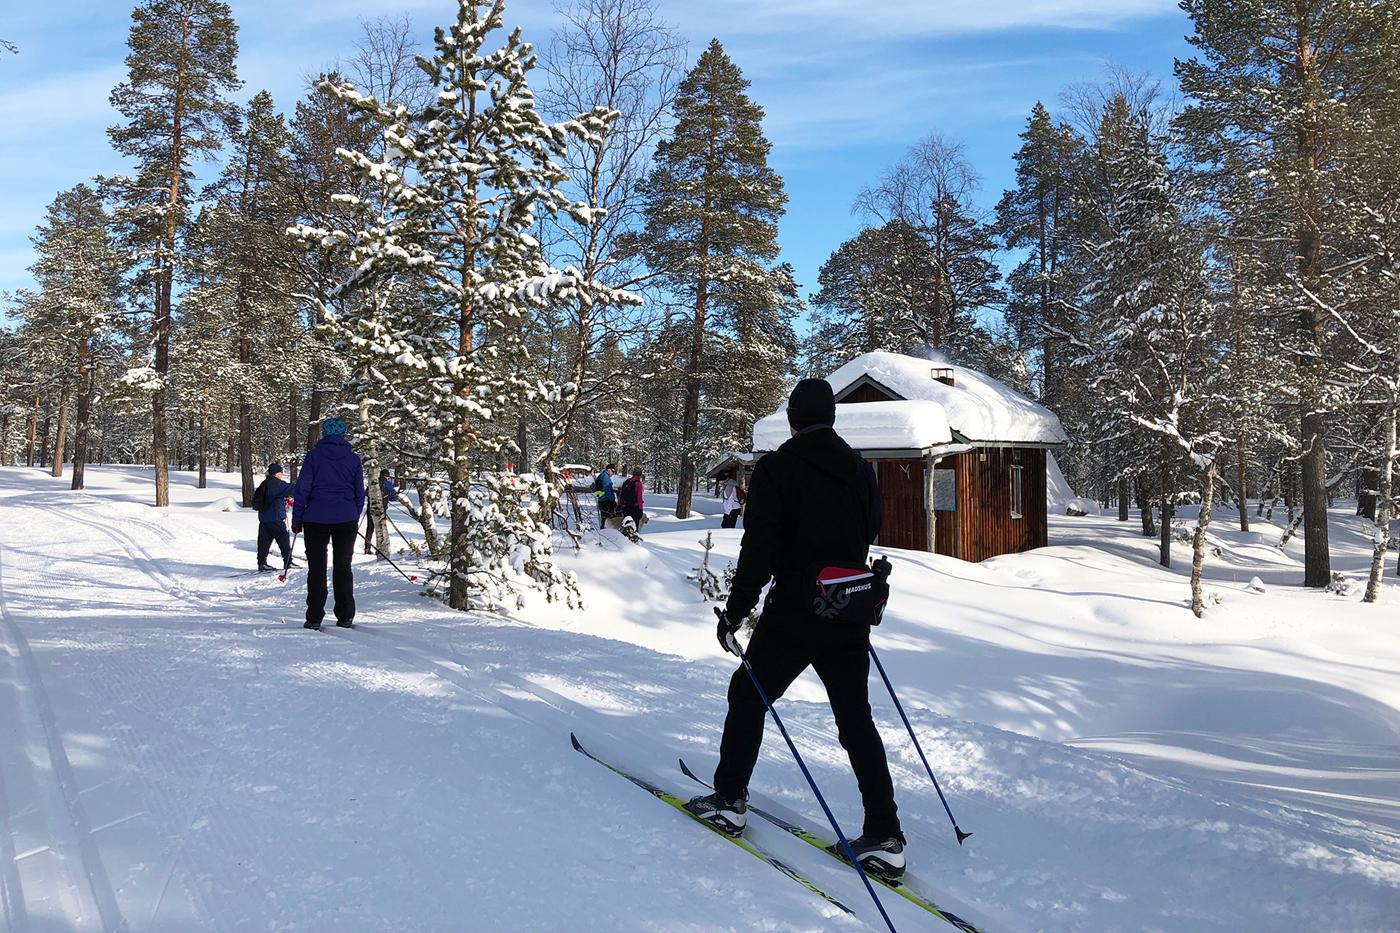 63556a44b Rejser til Finland - Langrend og vintereventyr i Lapland